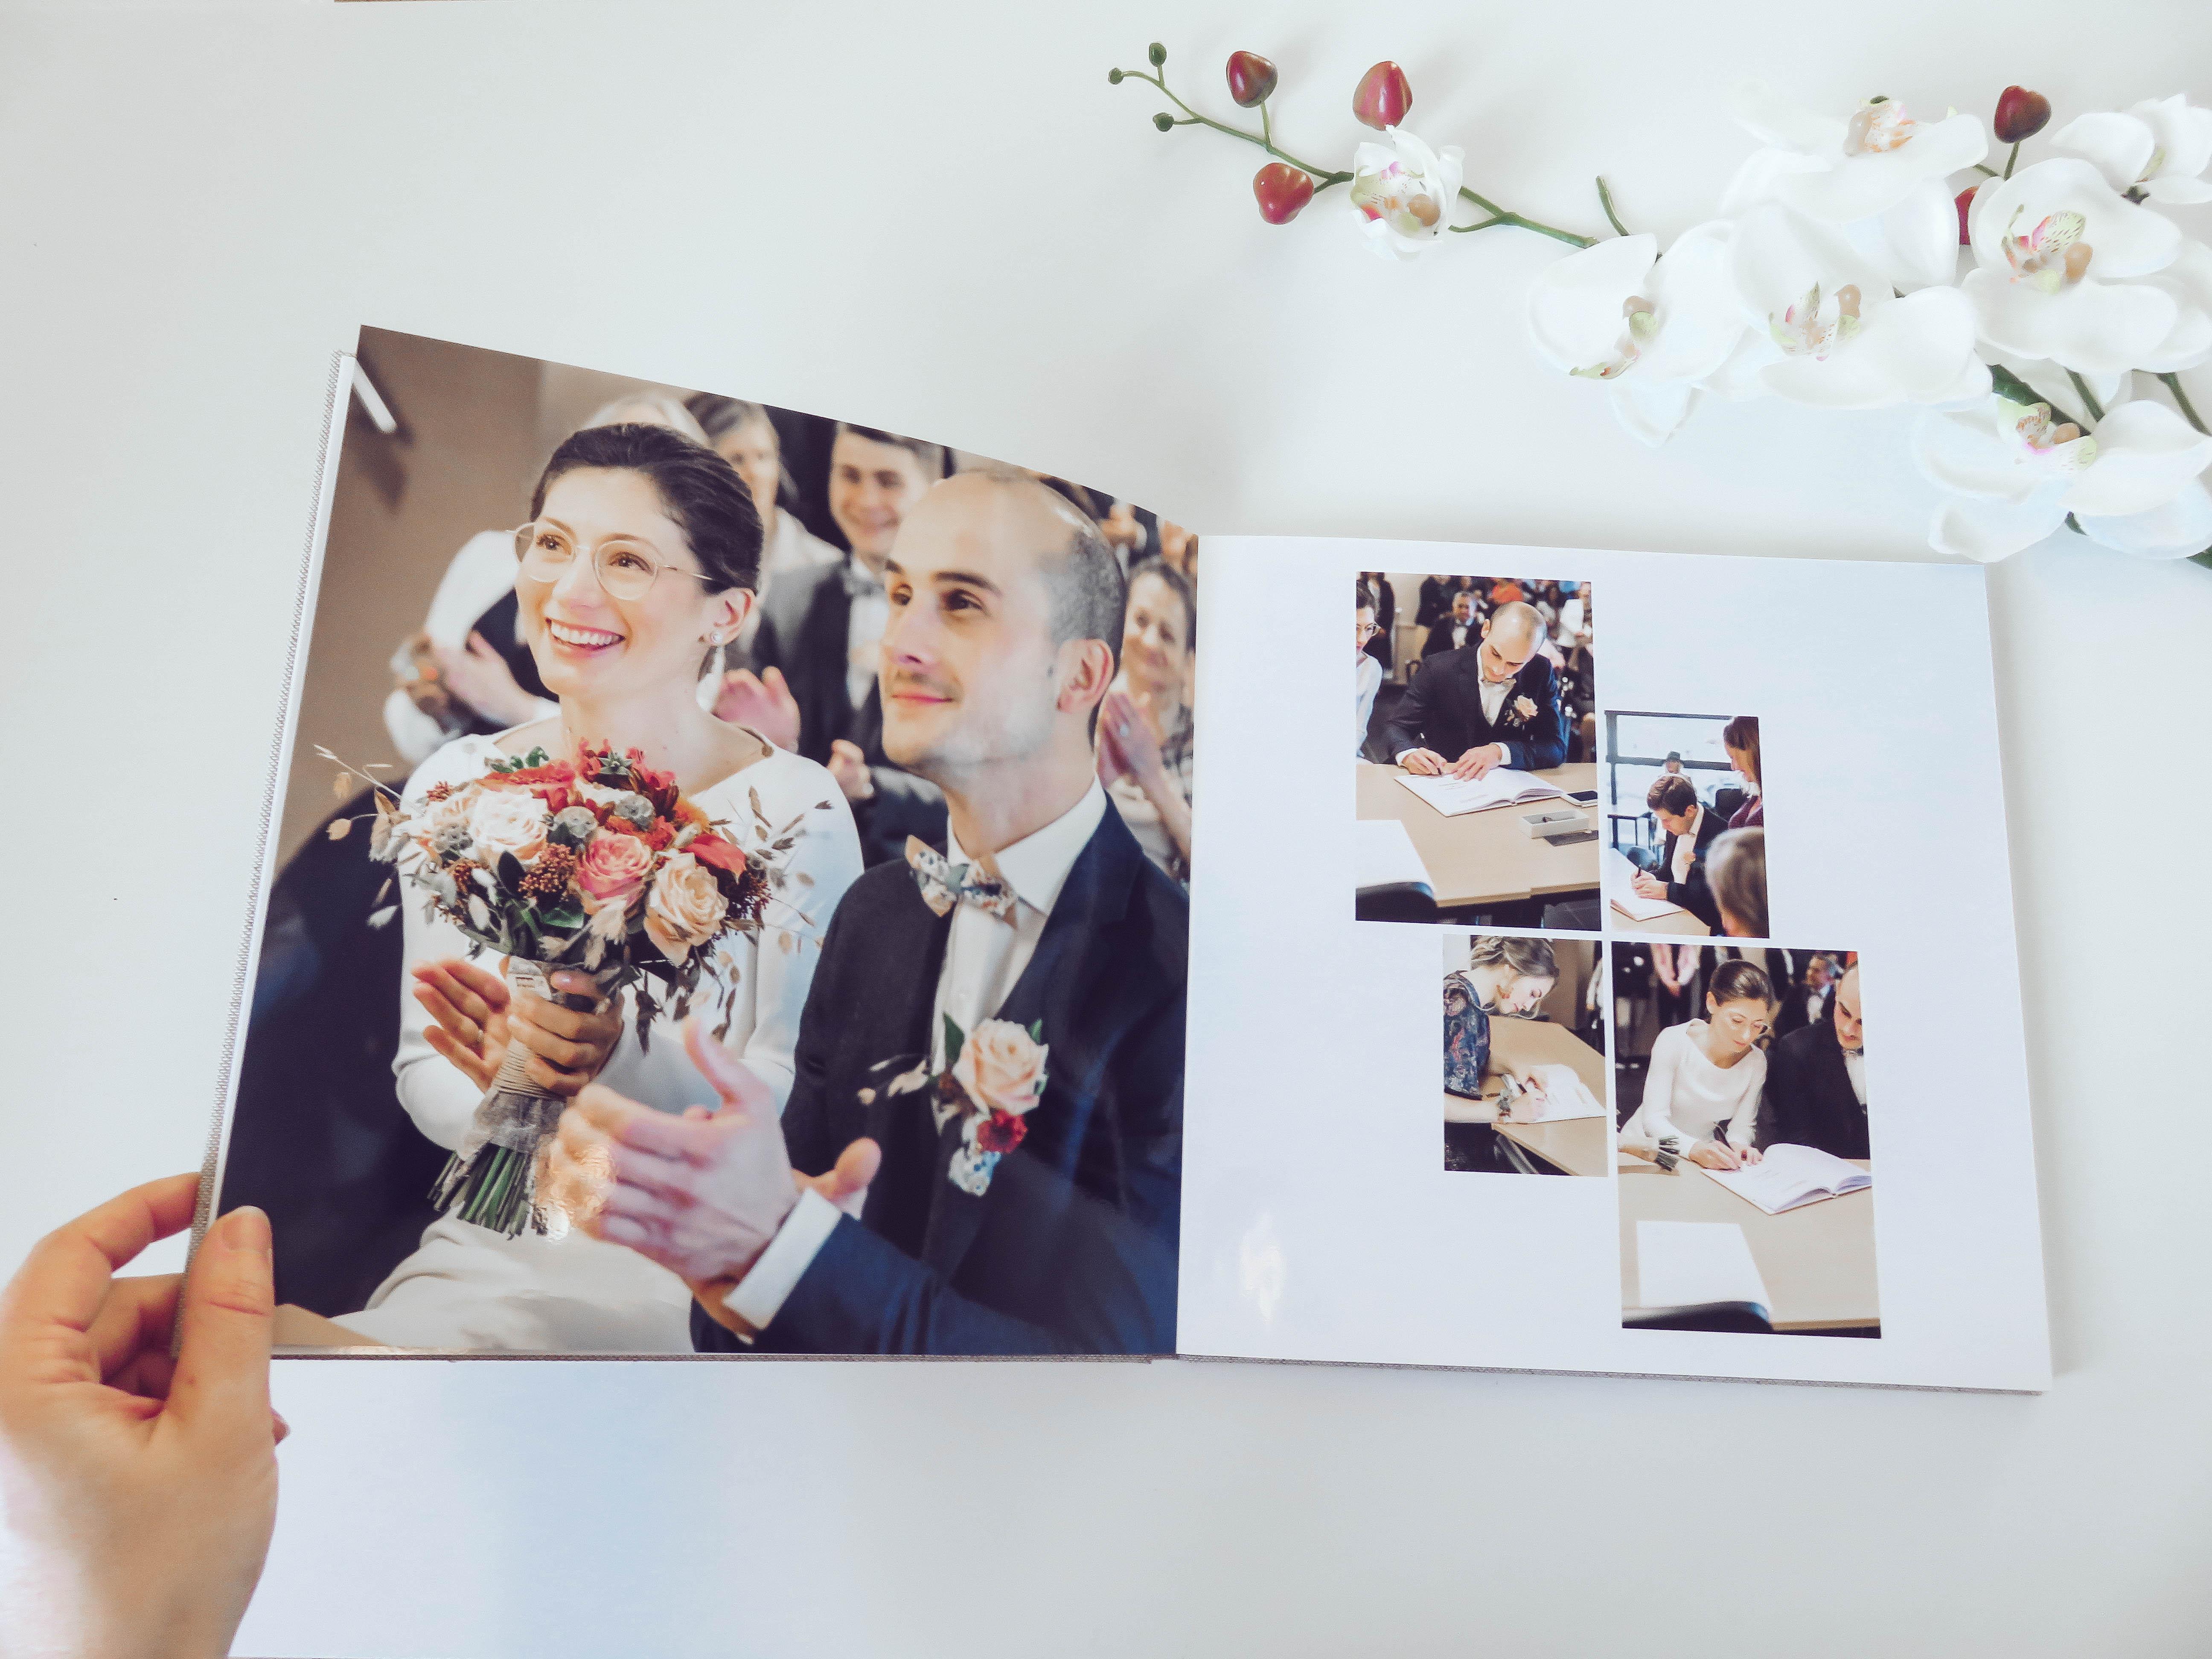 Le mariage d'Emma & Lionel